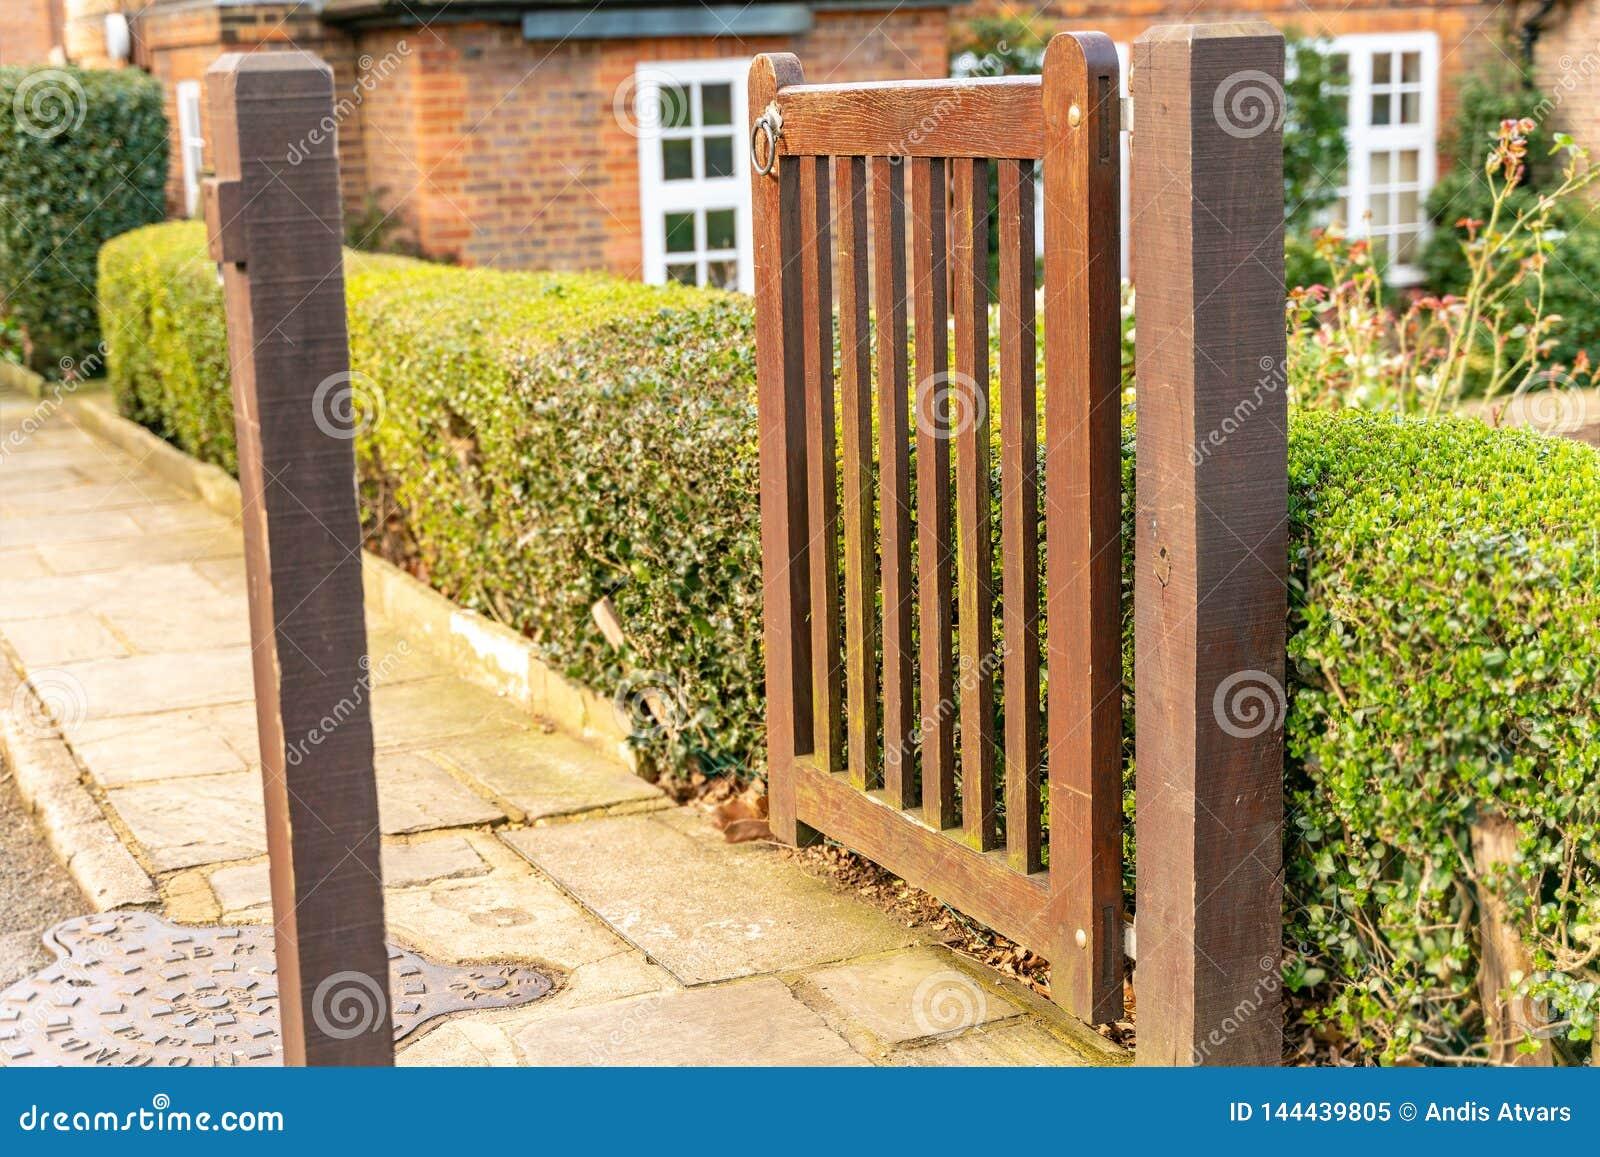 Das Gartenfußgängertor und das Äußere eines typischen englischen alten London-WohnReihenhauses